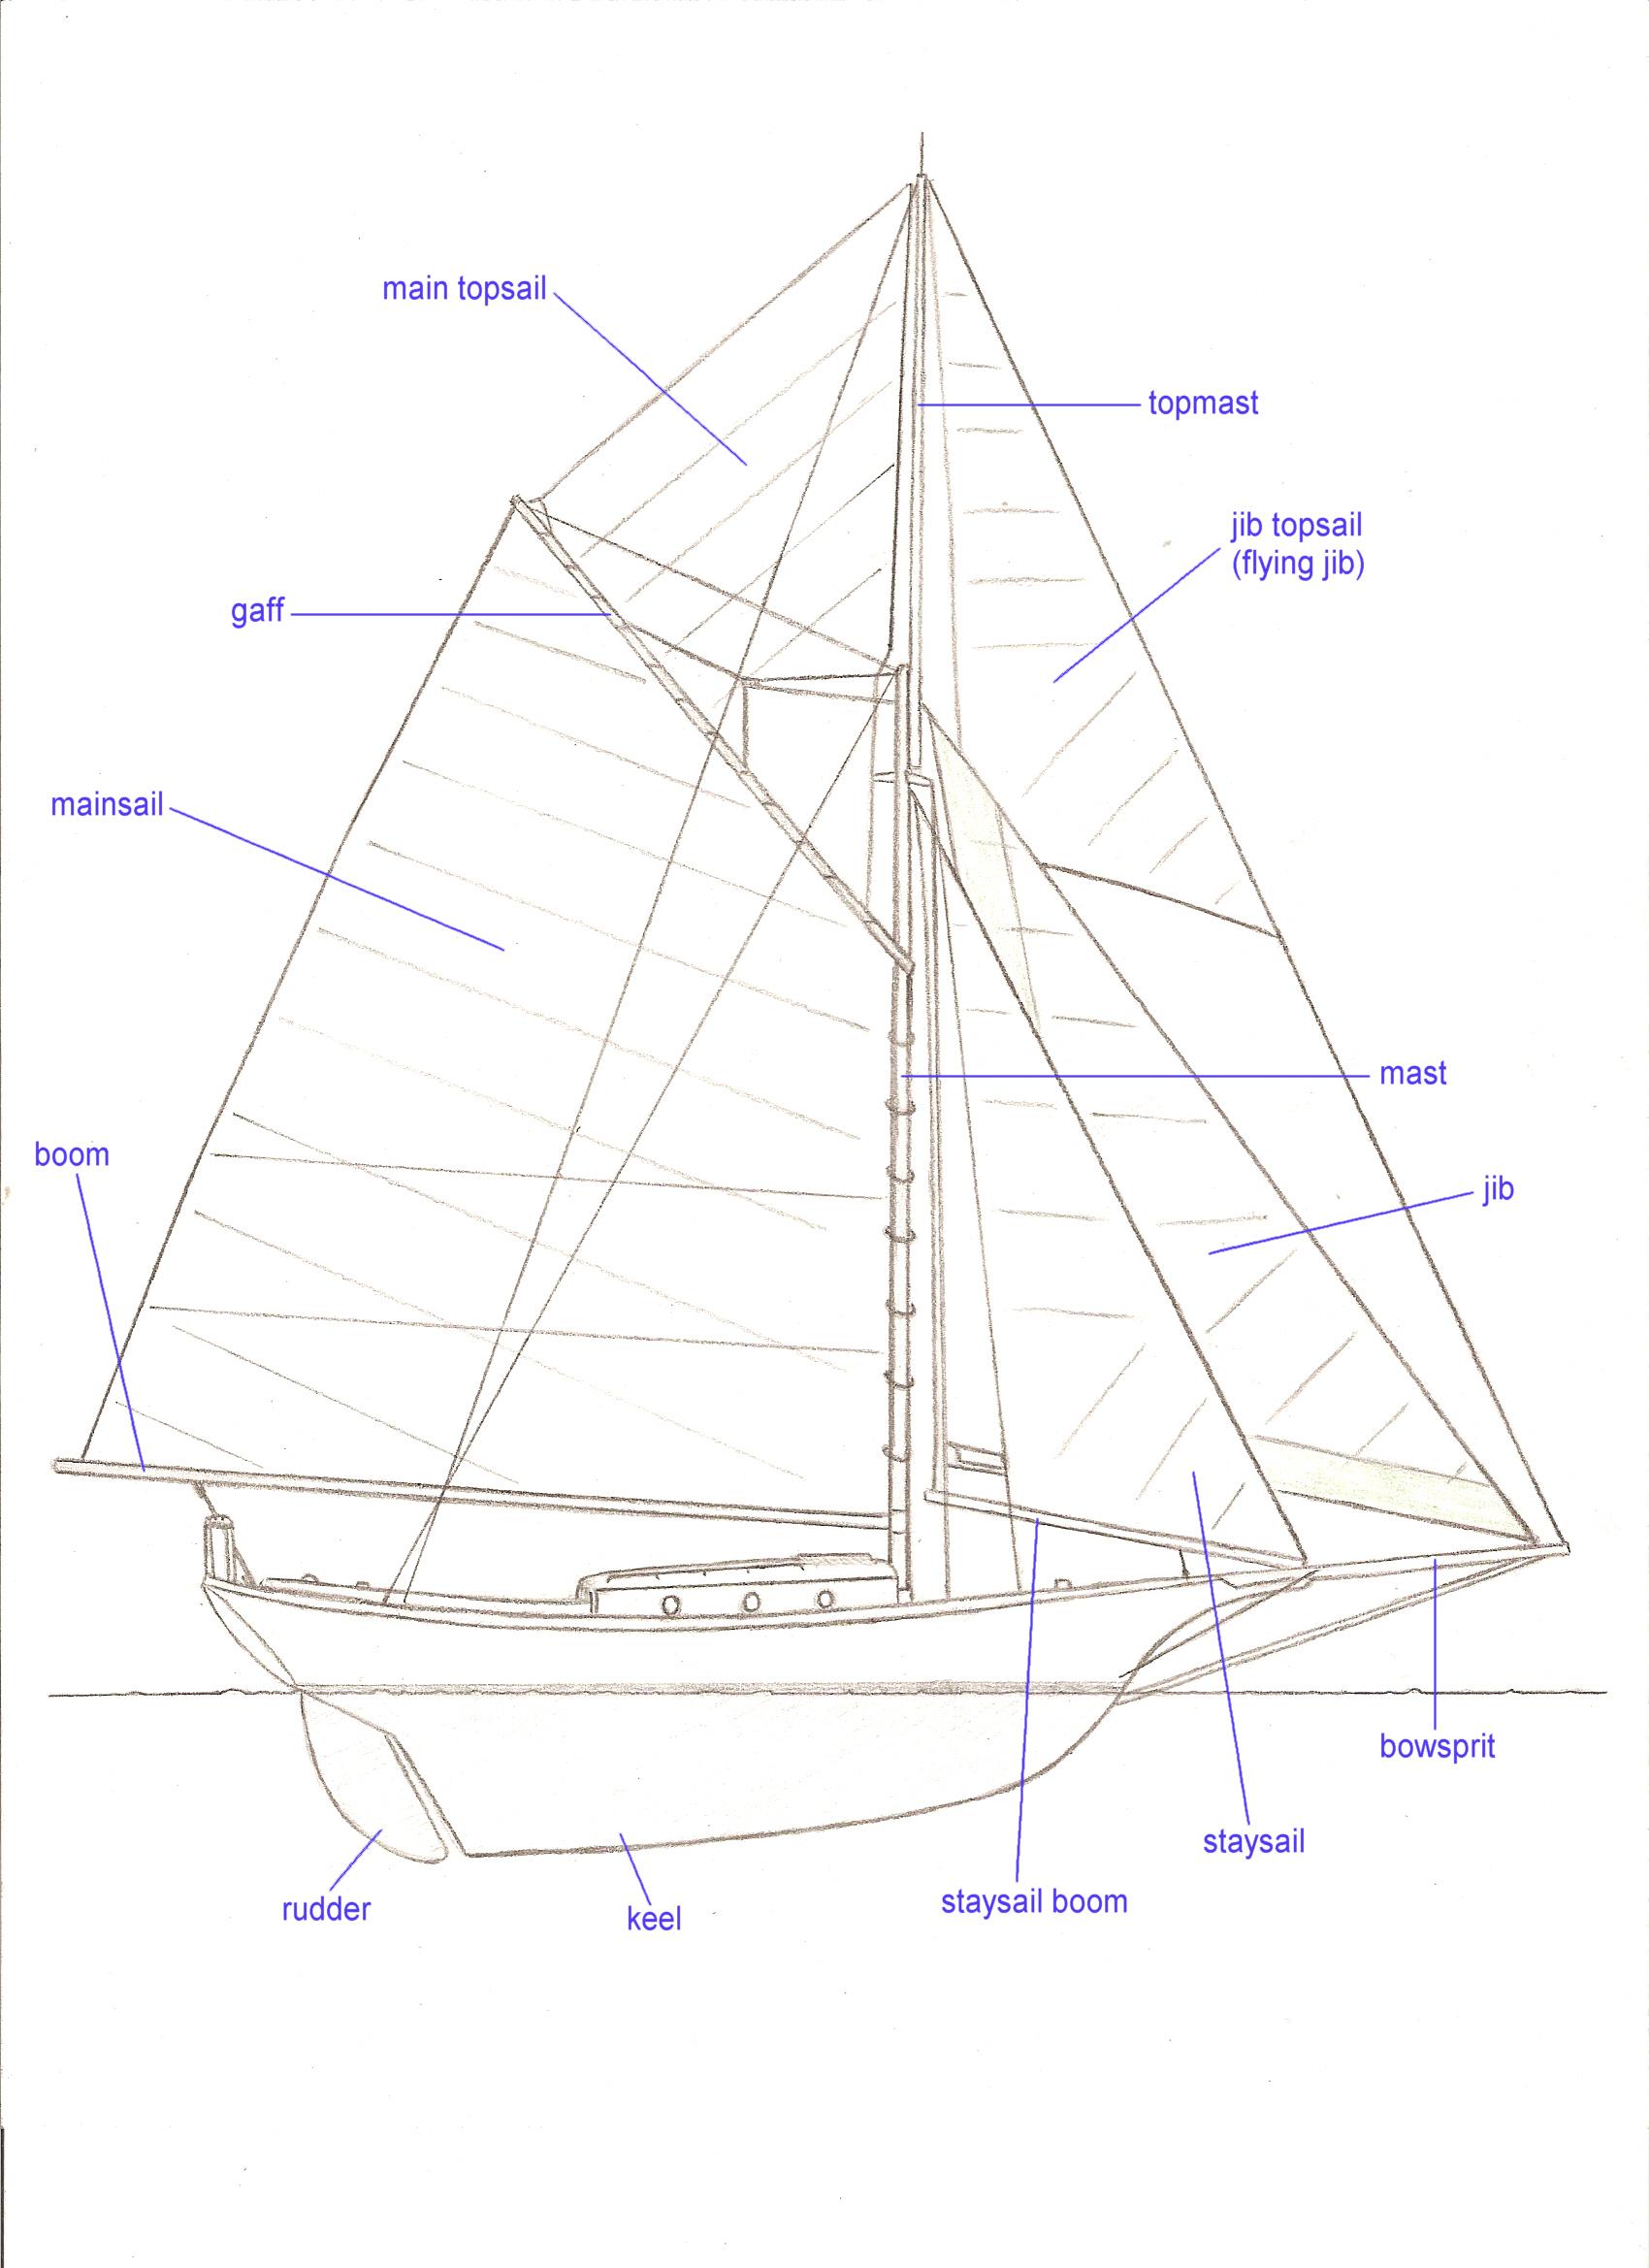 hight resolution of file friendship sloop diagram jpg